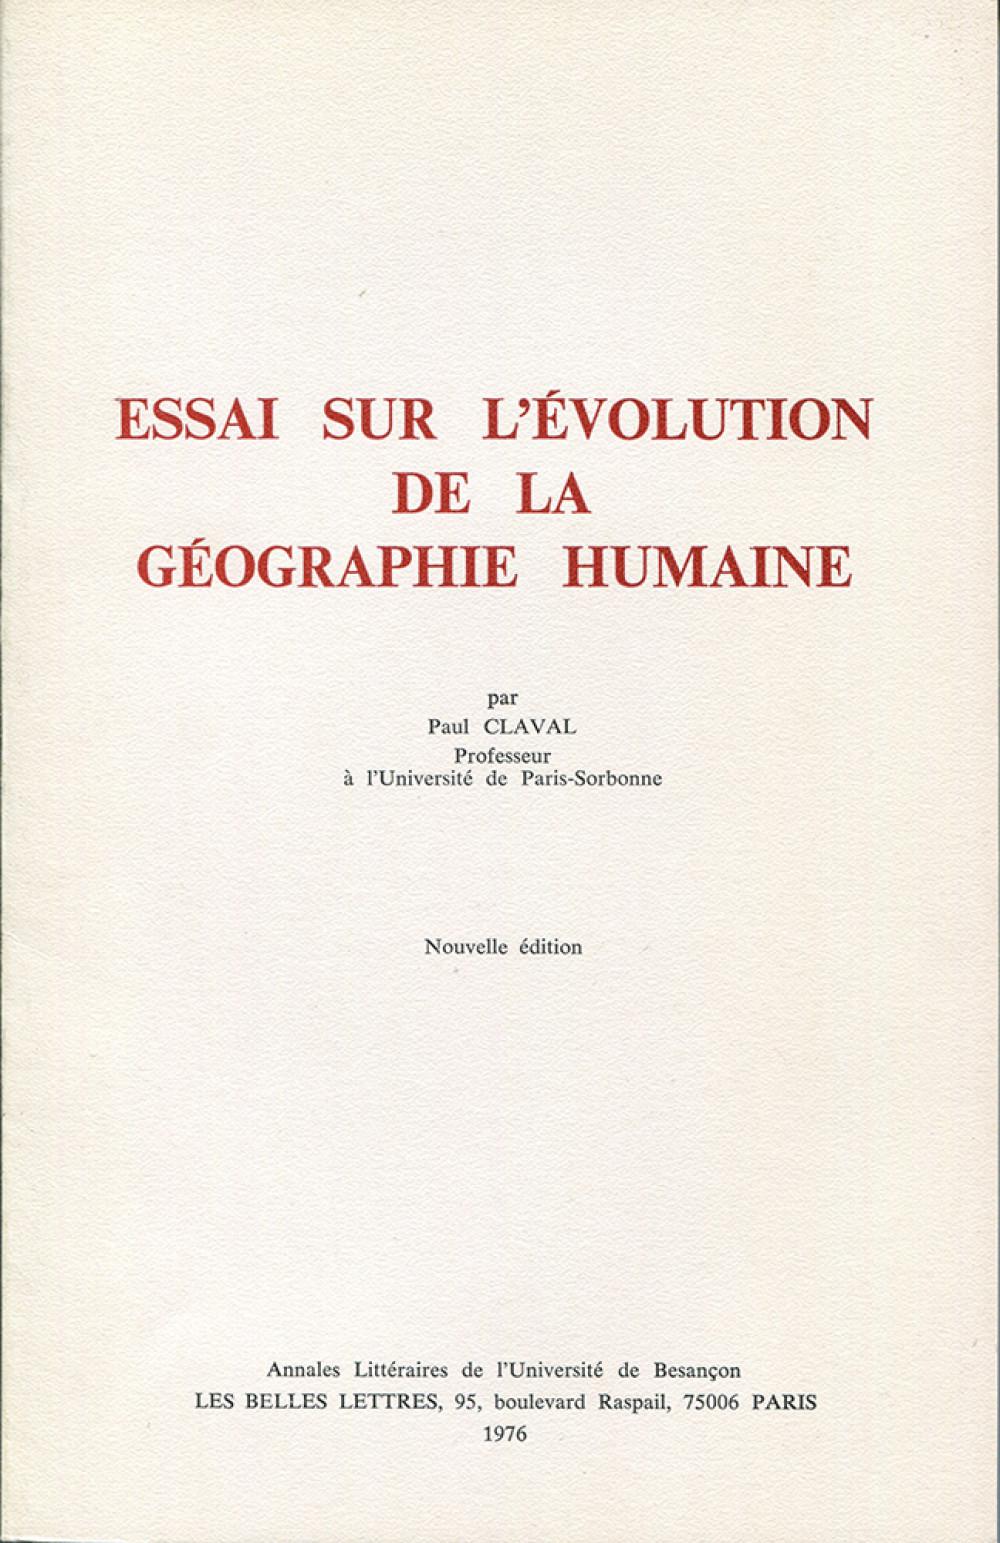 Essai sur l'évolution de la géographie humaine